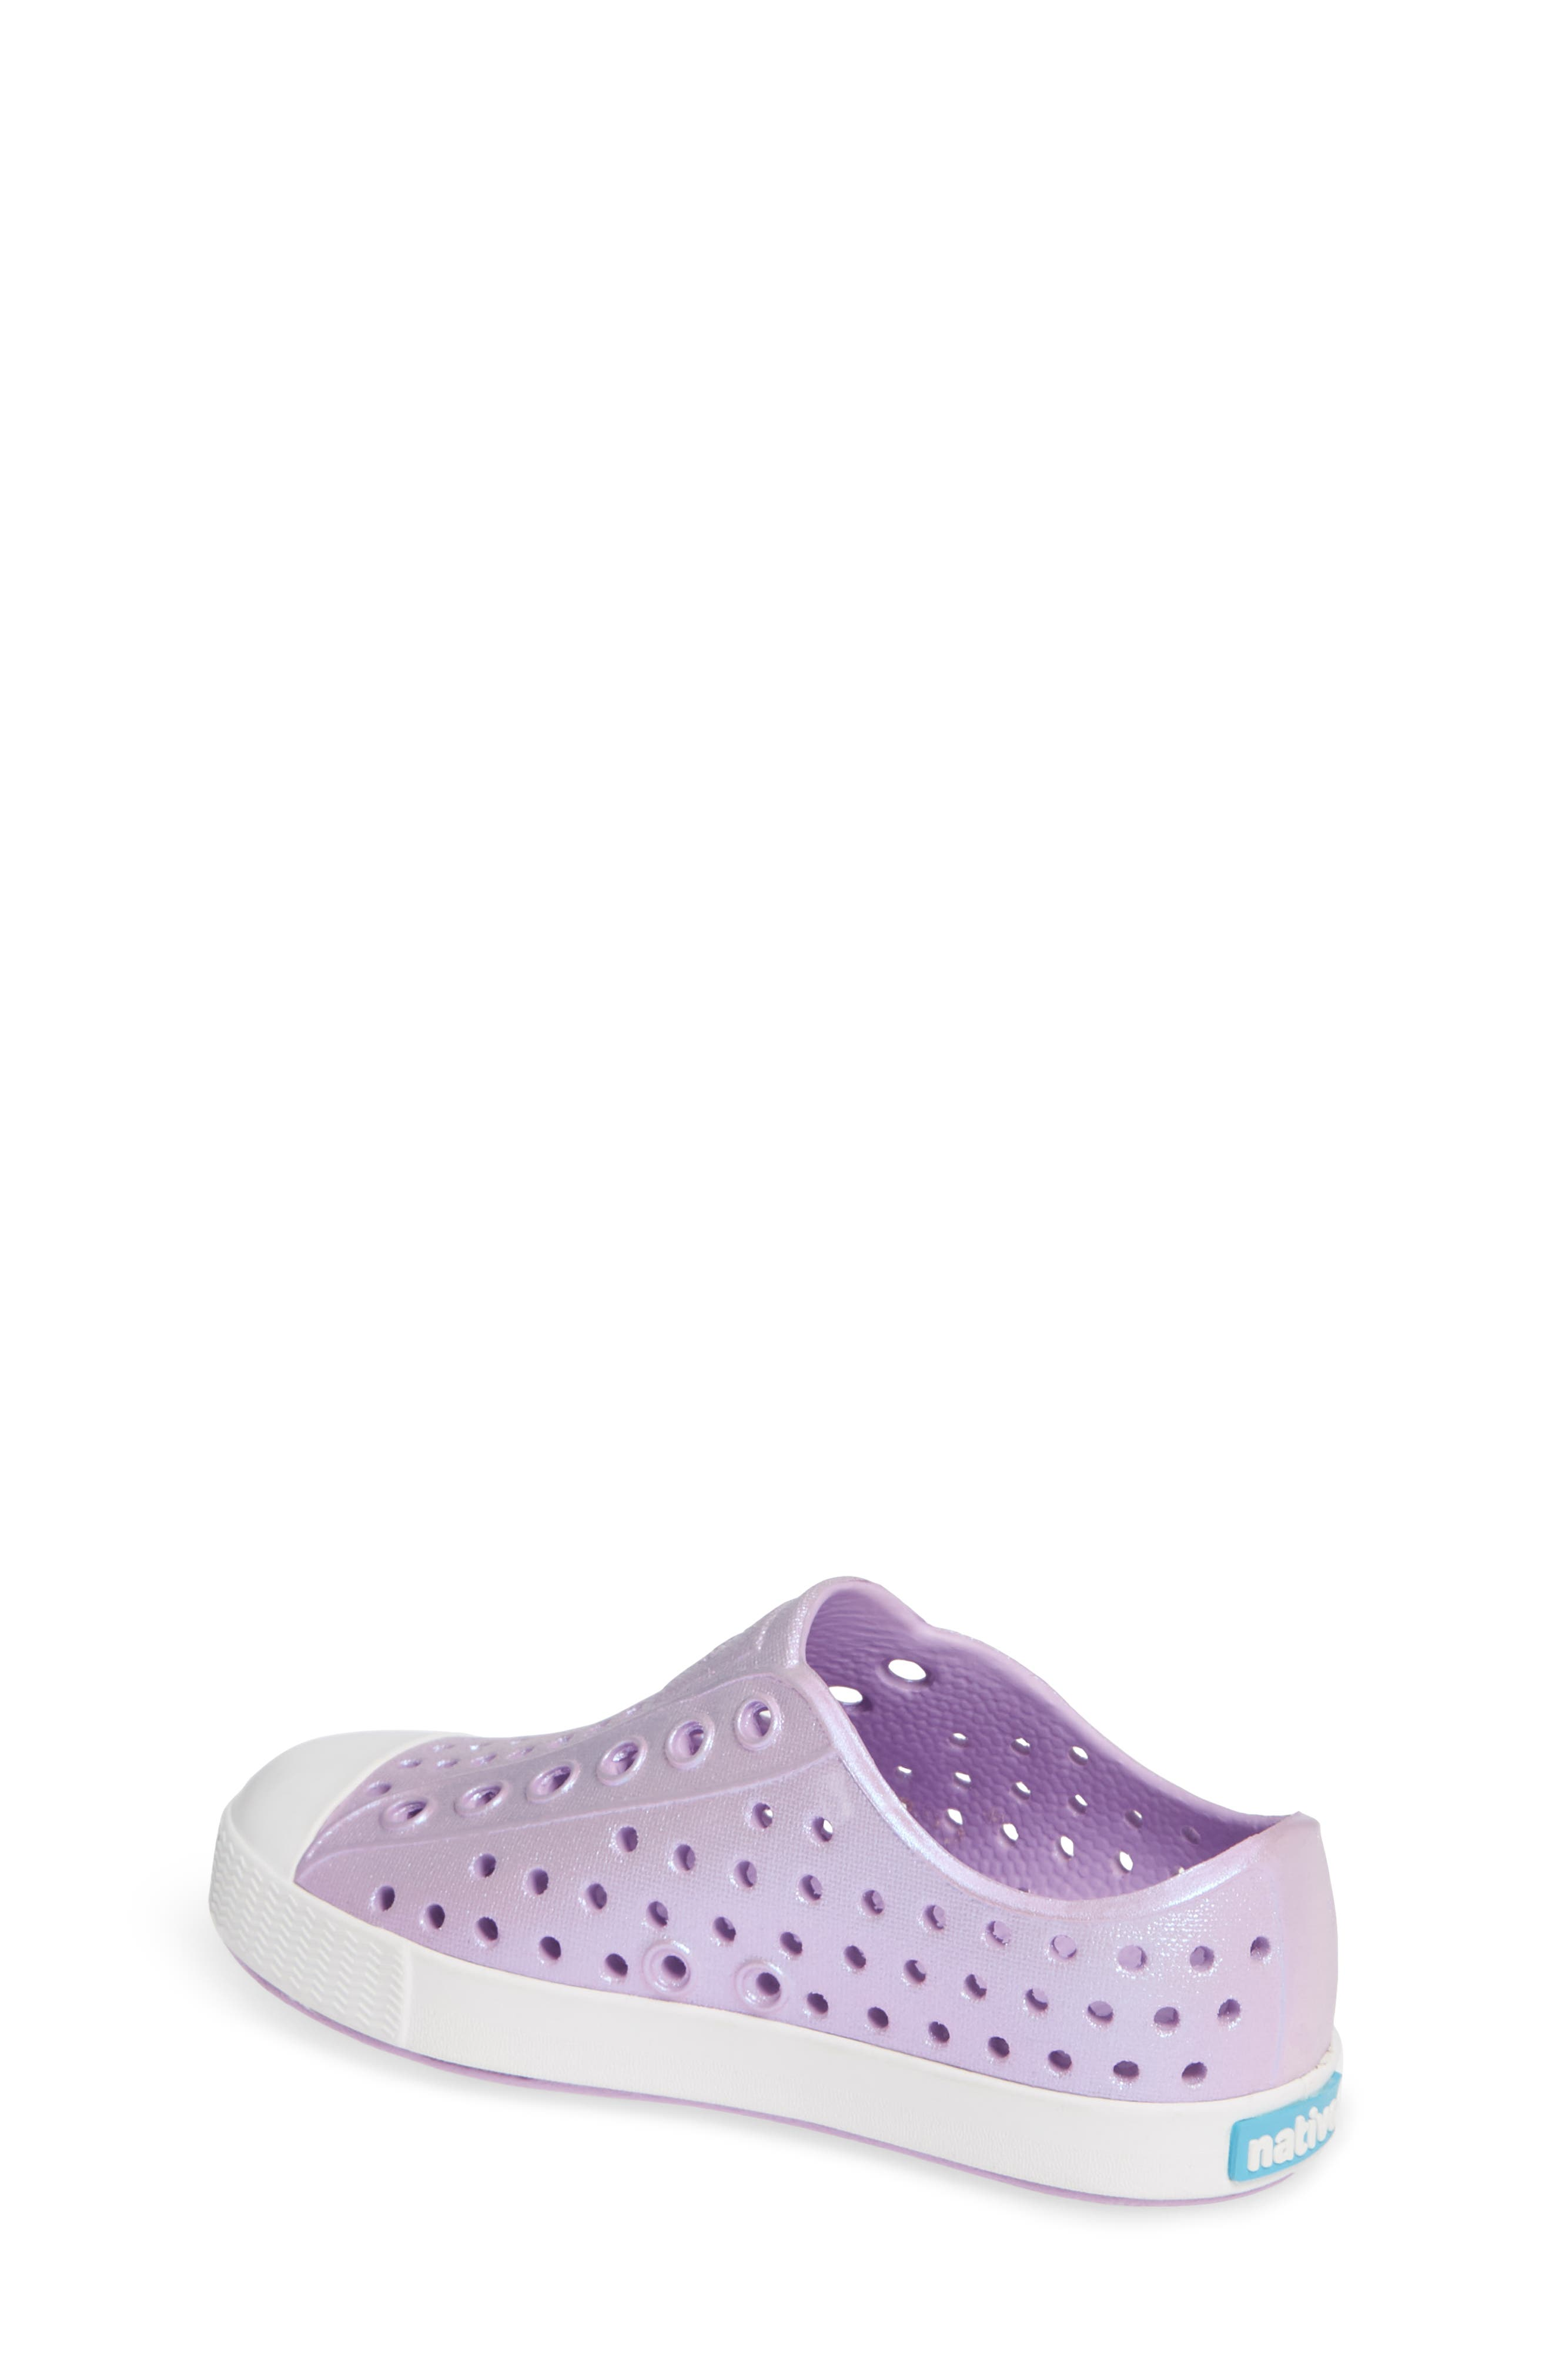 Jefferson Iridescent Slip-On Vegan Sneaker,                             Alternate thumbnail 2, color,                             LAVENDER/ SHELL WHITE/ GALAXY